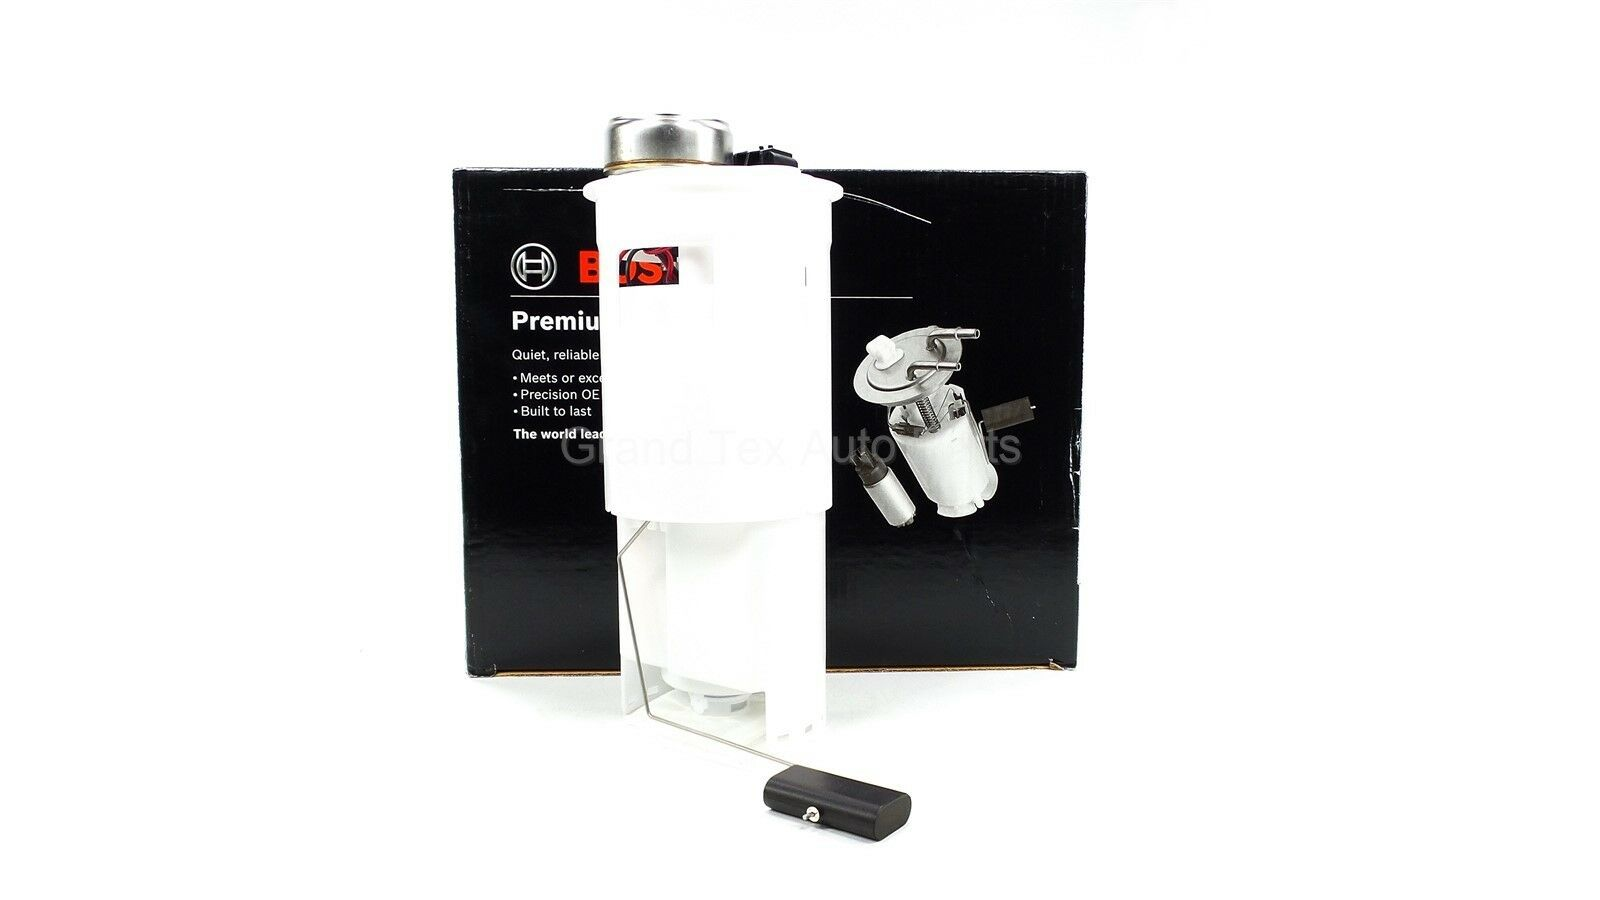 NEW Bosch Fuel Pump Module Assembly 67684 Ram 1500 2500 3500 35 Gal Tank 2002-03